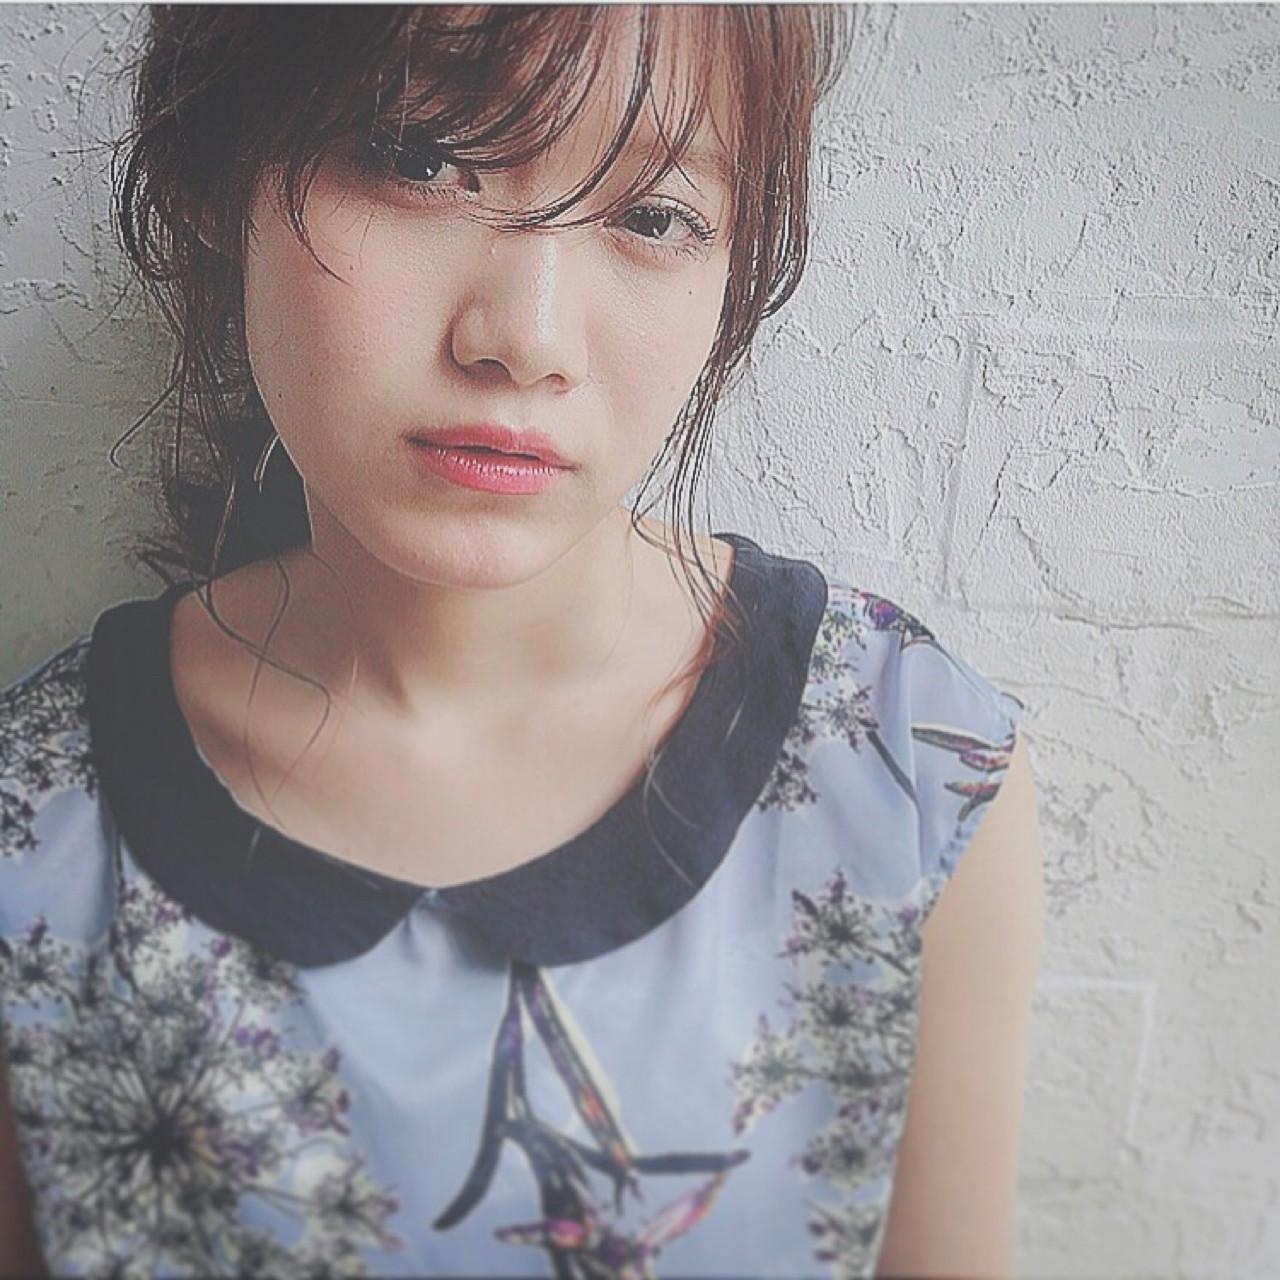 大人のアンニュイな魅力をプロデュース。シースルーボブがトレンドの予感 Youko Setojima